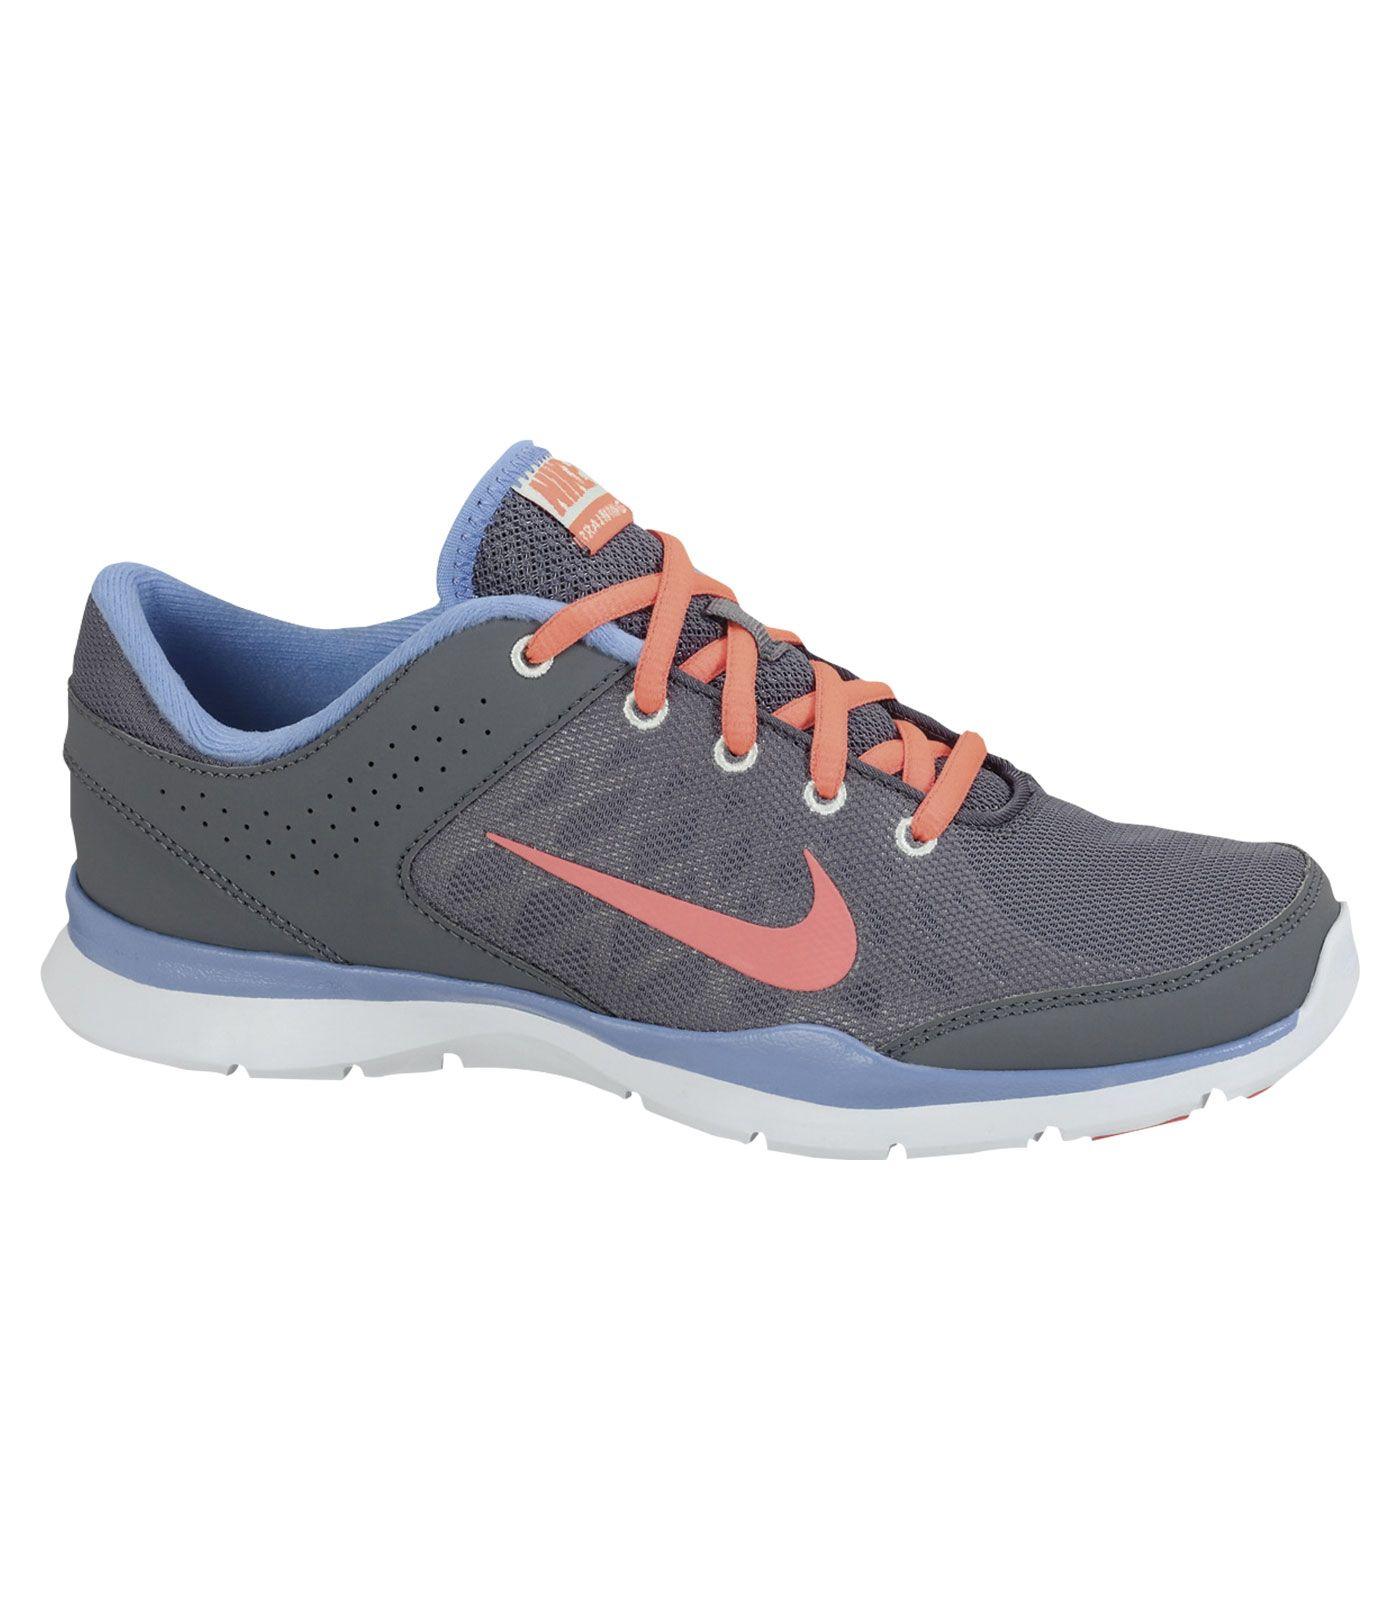 Nike Flex Trainer 3 - Chaussures - Femme - Entraînement  2f6c1ff4a0c